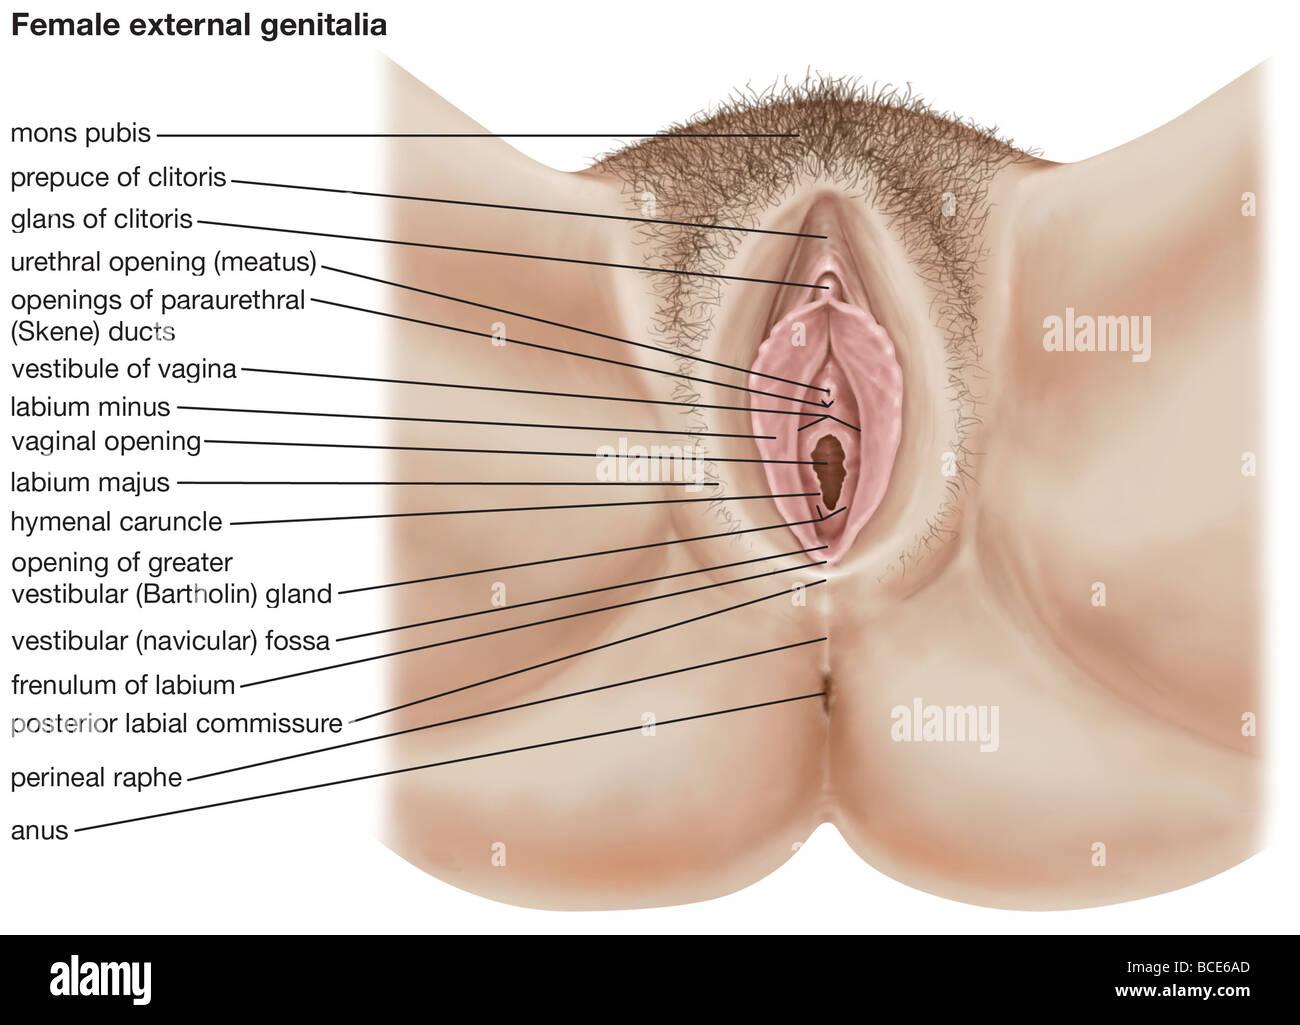 Die menschlichen weiblichen äußeren Genitalien Stockfoto, Bild ...